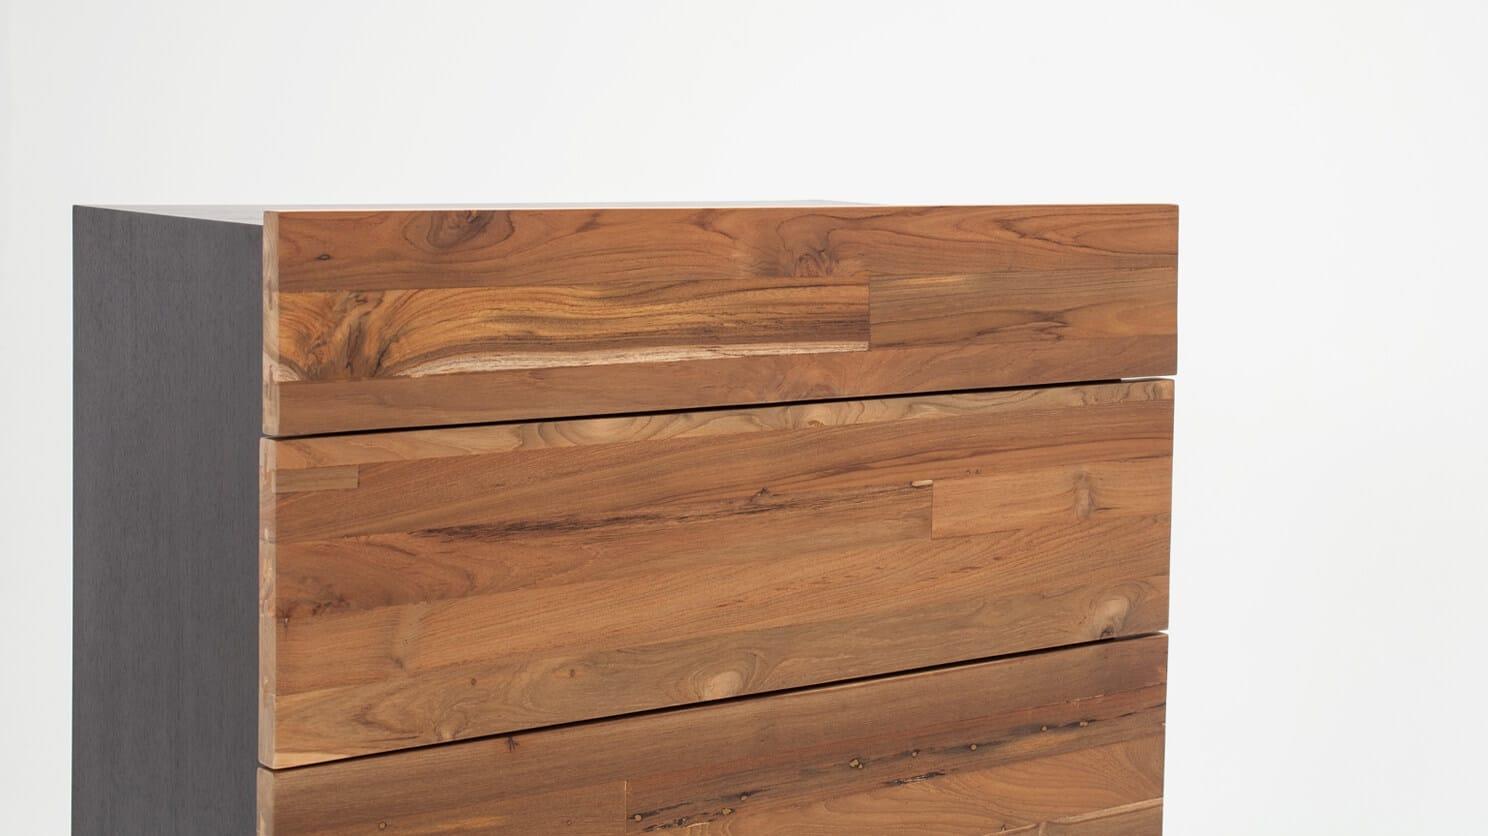 7040 437 par 5 chests reclaimed teak chest charcoal detail 02